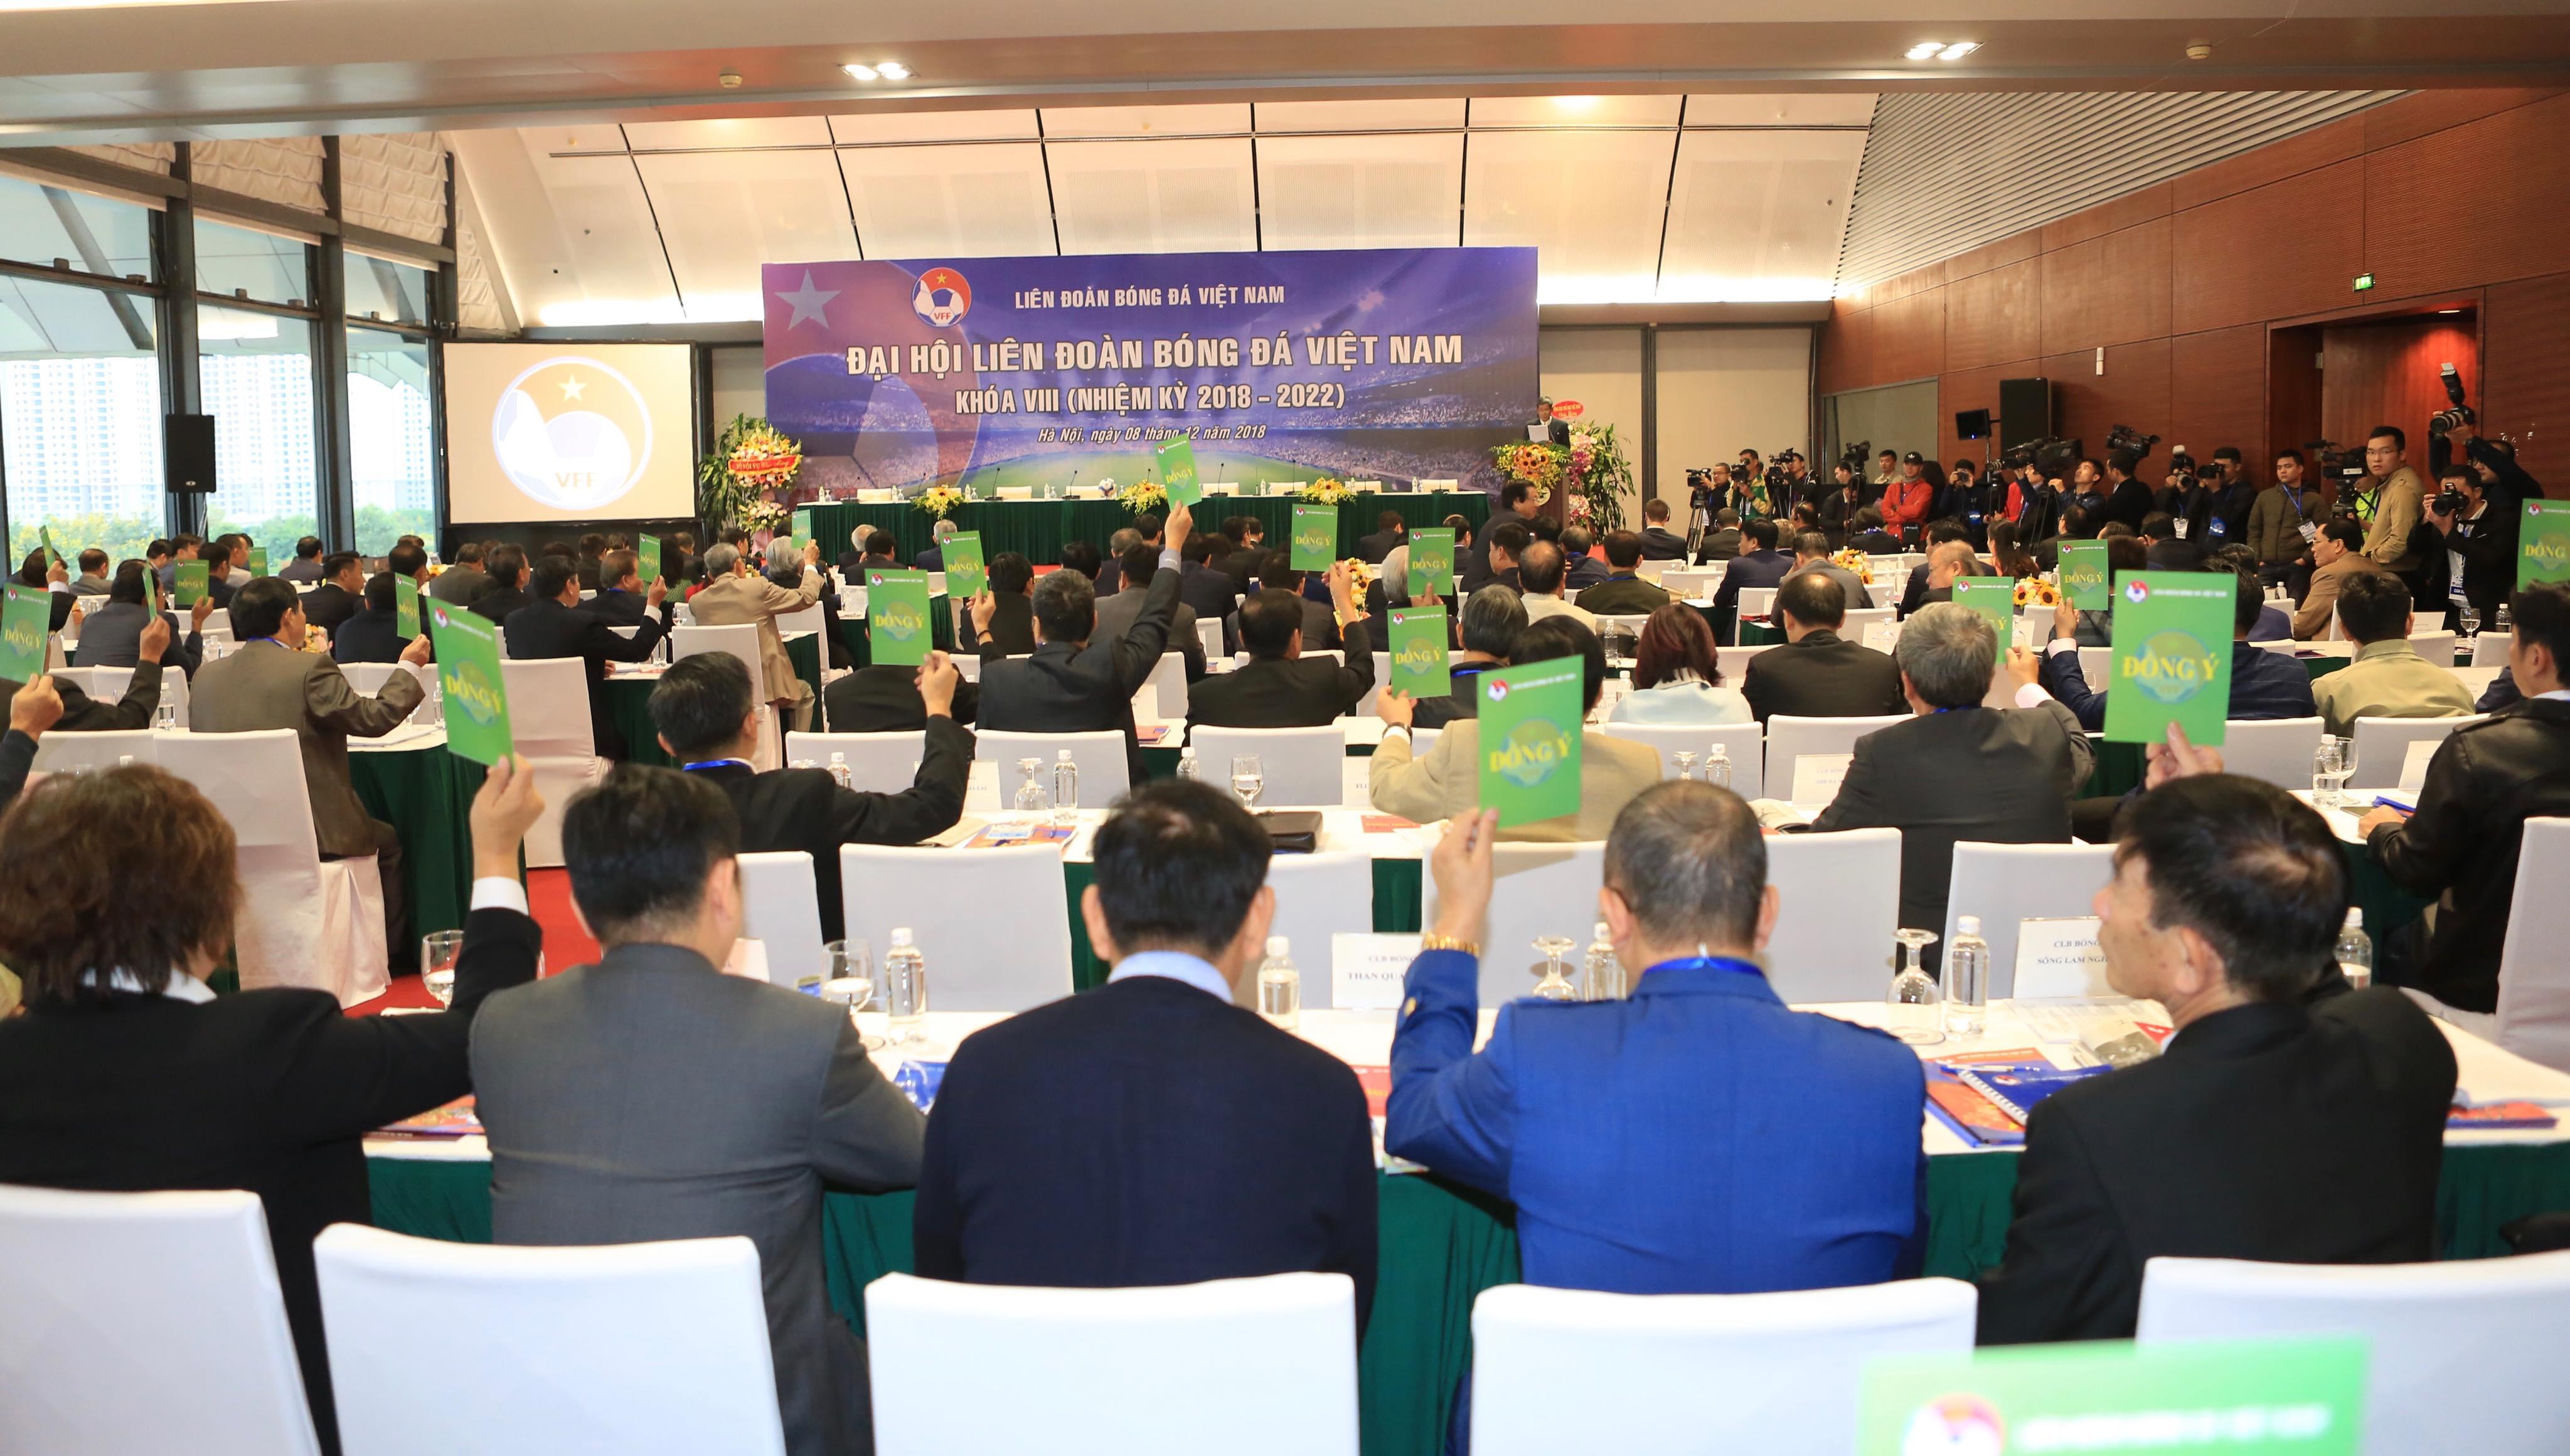 Đại hội Liên đoàn Bóng đá Việt Nam khóa VIII (nhiệm kì 2018 - 2022)